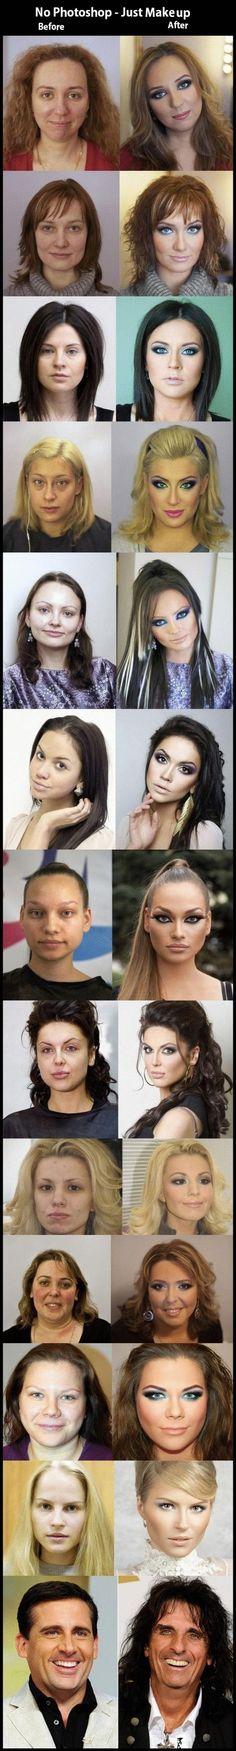 Makeup & Styling - Vorher und Nachher